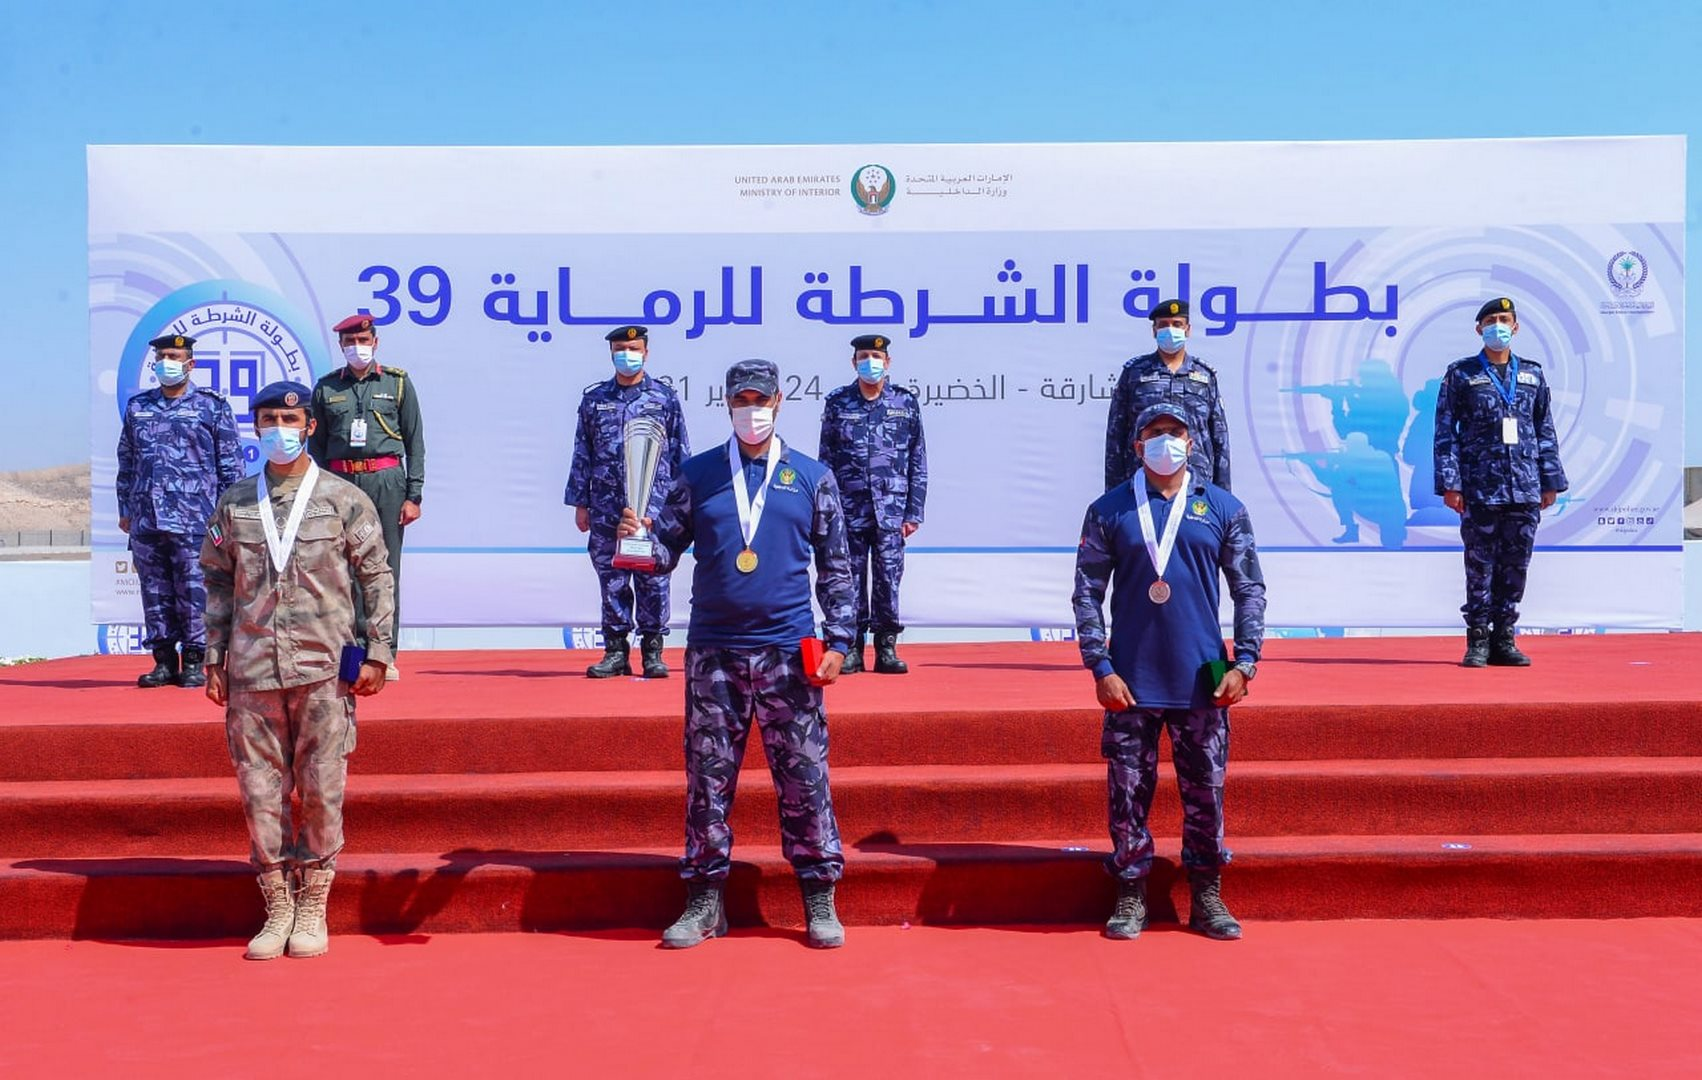 الكعبي يقدم الميداليات والكؤوس للفائزين بالمراكز الثلاثة الأولى في مسابقة رماية العمليات الشرطية بالبندقية